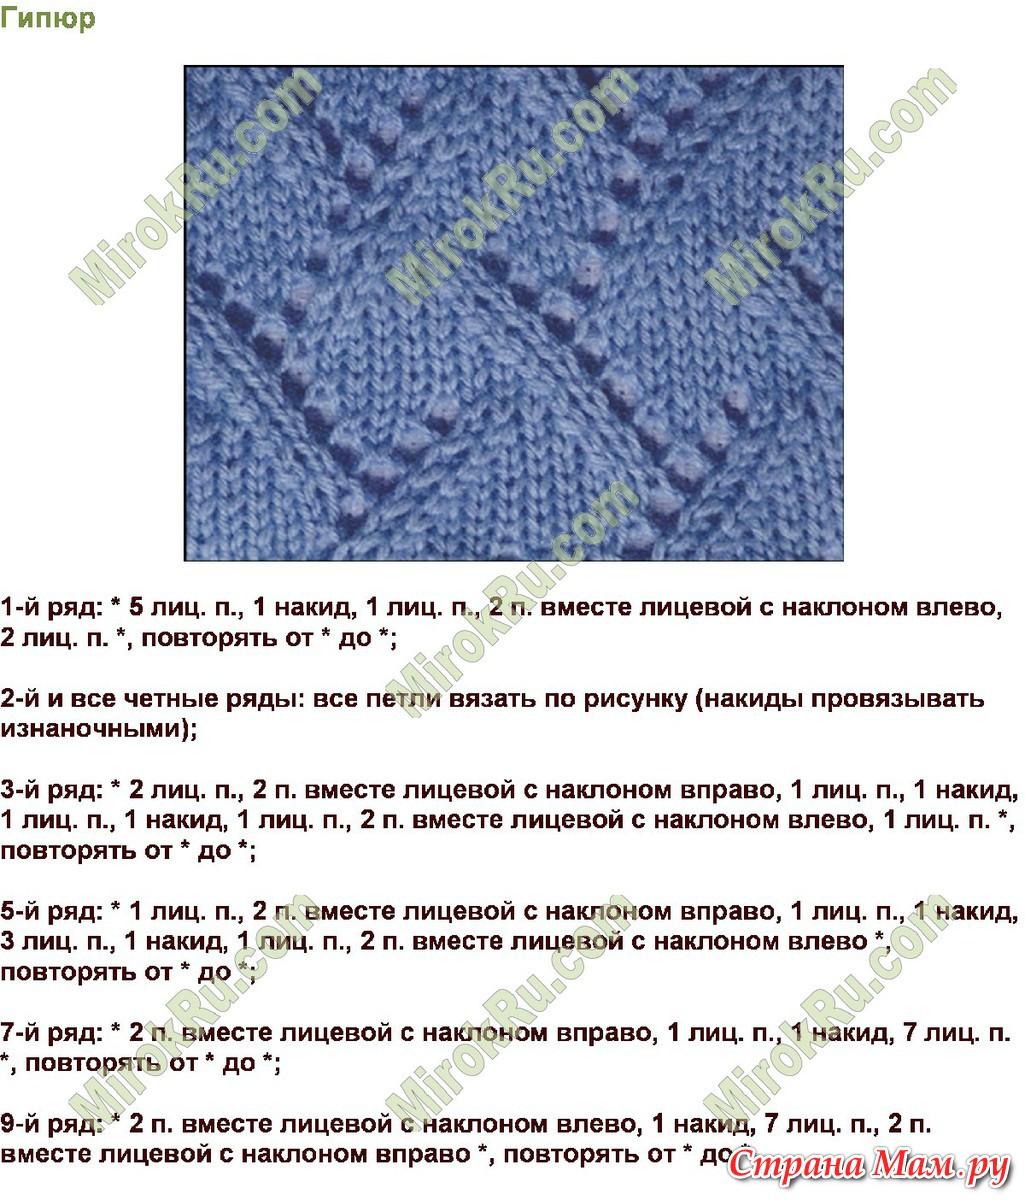 Вязание пледов крючком - схемы